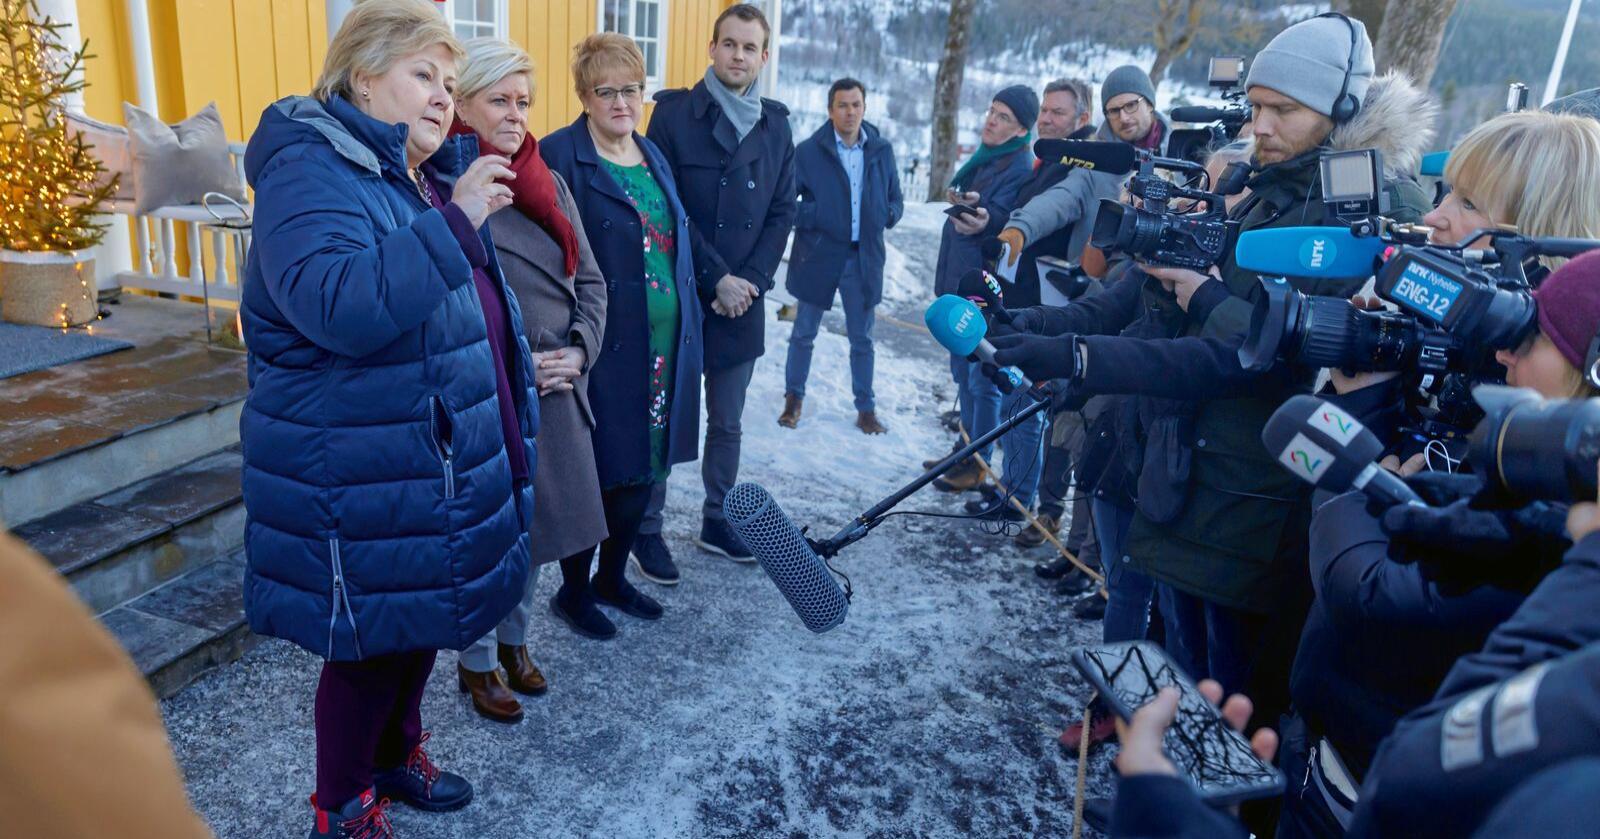 Snipp, snapp, snute: Statsminister Erna Solberg klarte kunststykket å samle de borgerlige partiene på Granavolden i fjor. Nå kan det borgerlige flertallseventyret være ute. Foto: Cornelius Poppe/NTB scanpix